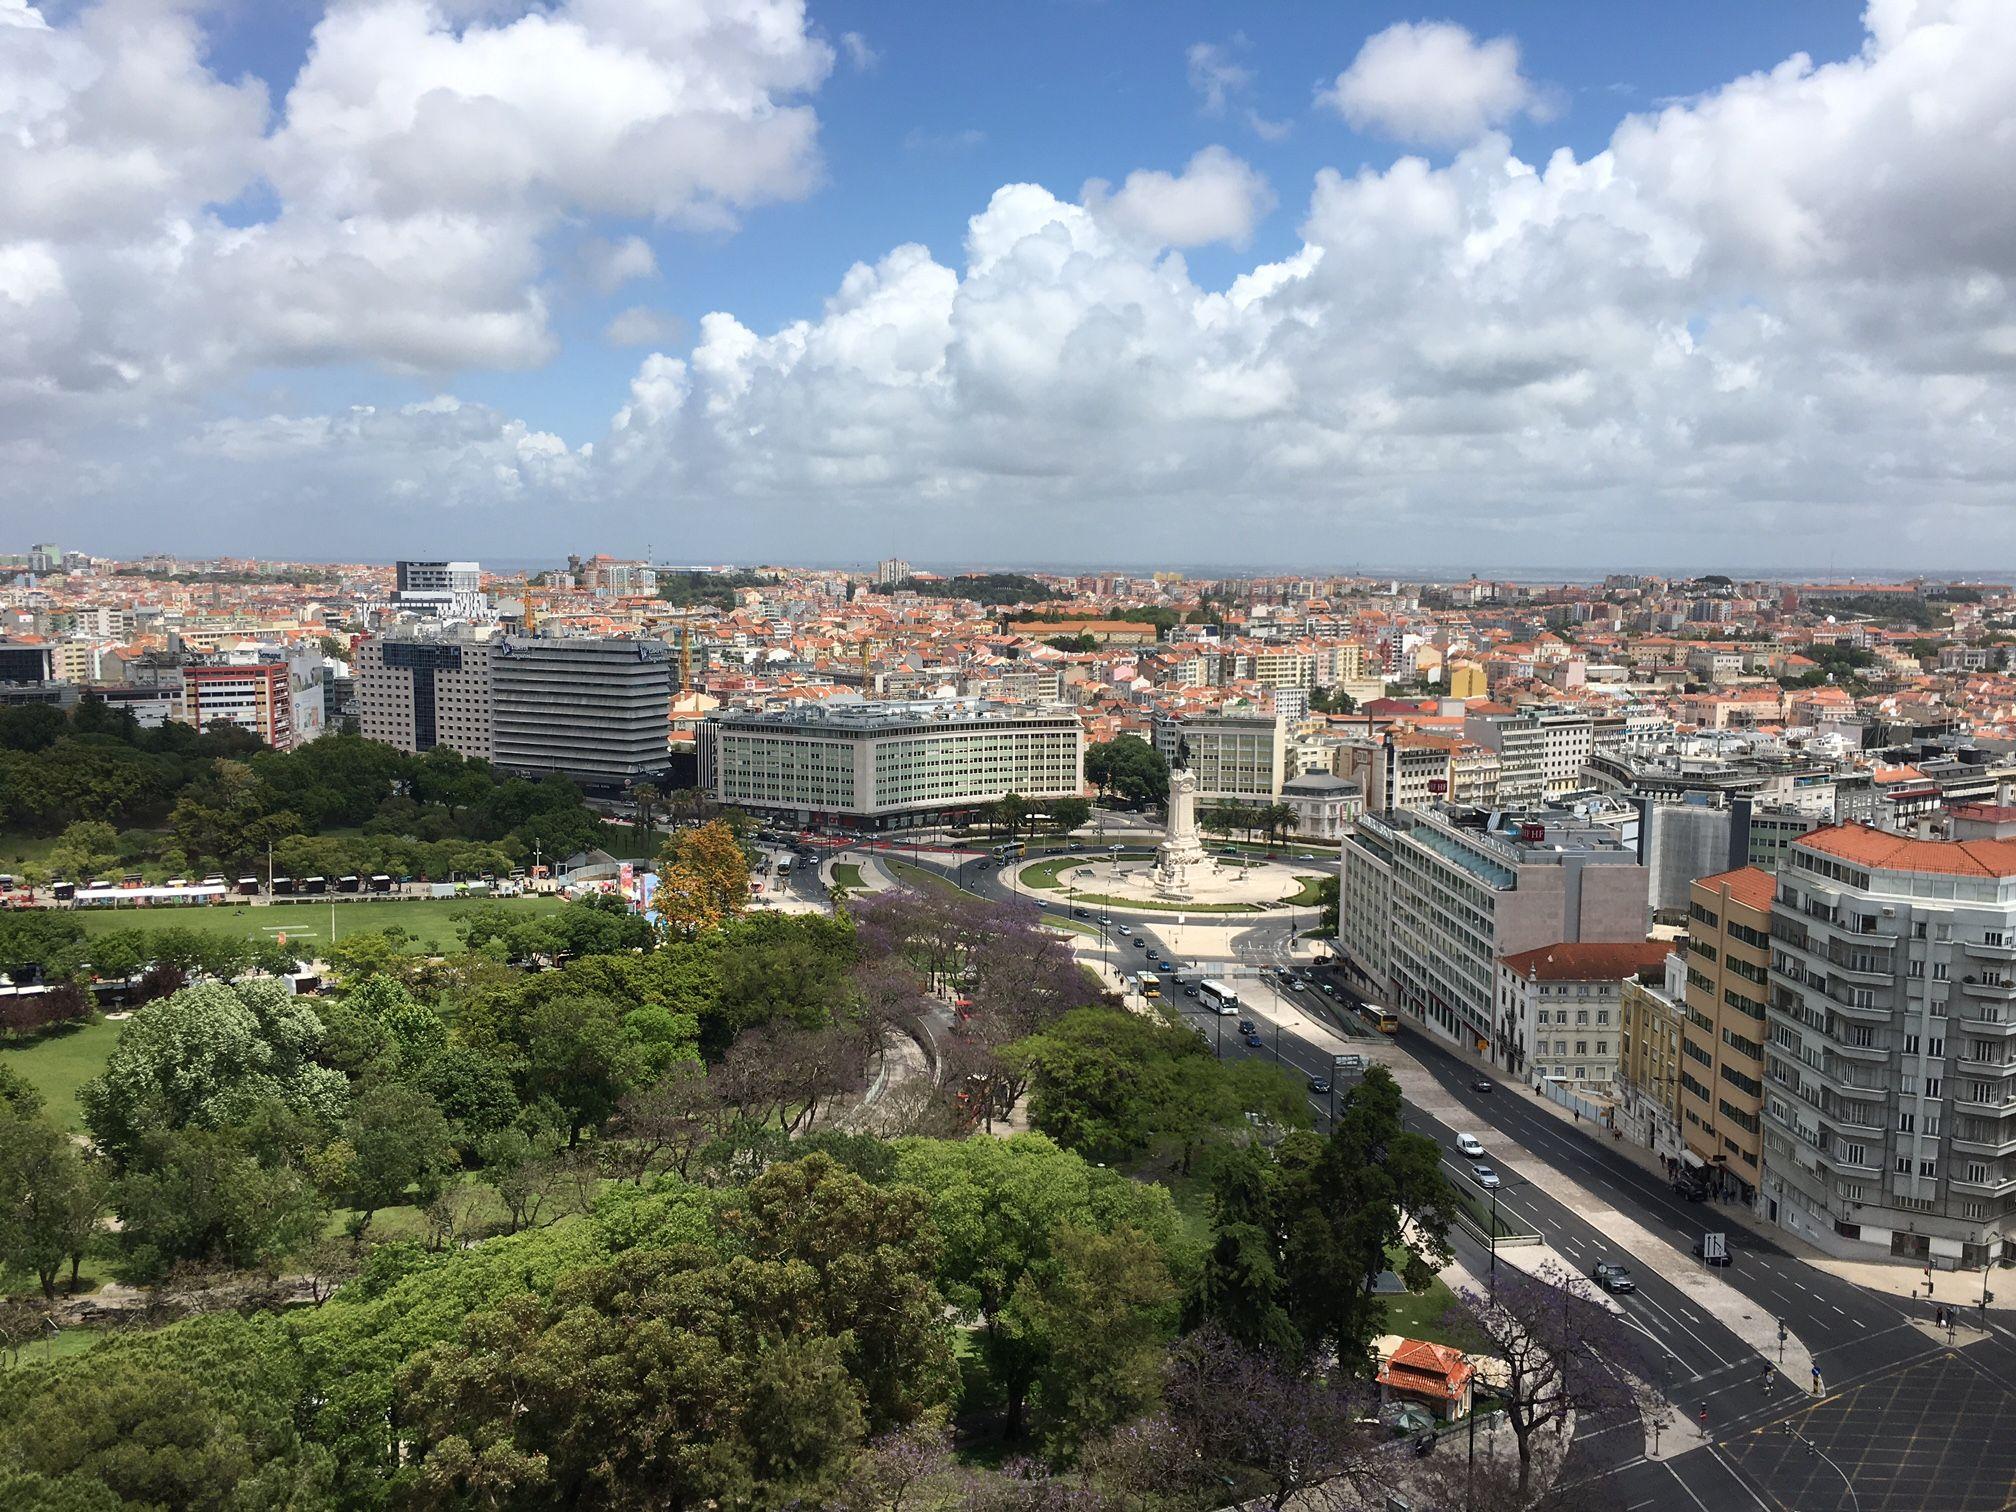 Vista do quarto - Four Seasons Hotel Ritz Lisbon